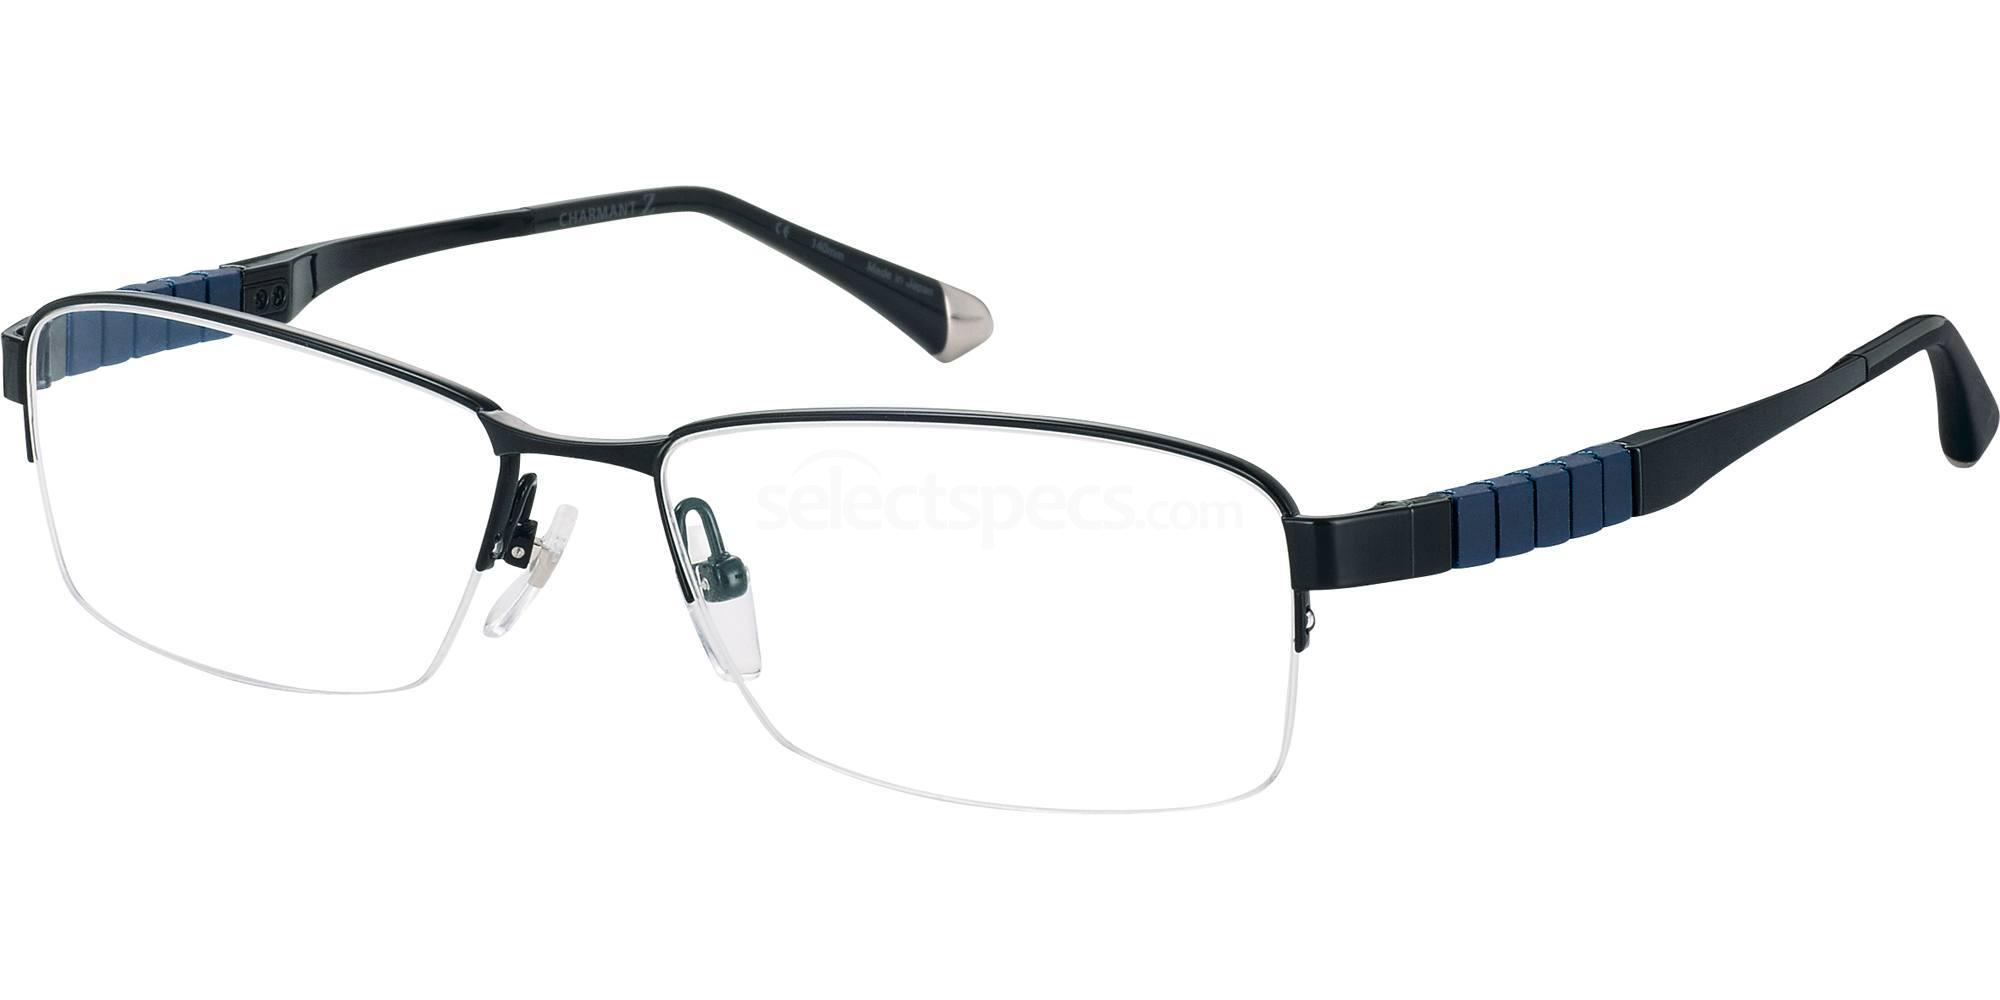 BK ZT19810 Glasses, Charmant Z